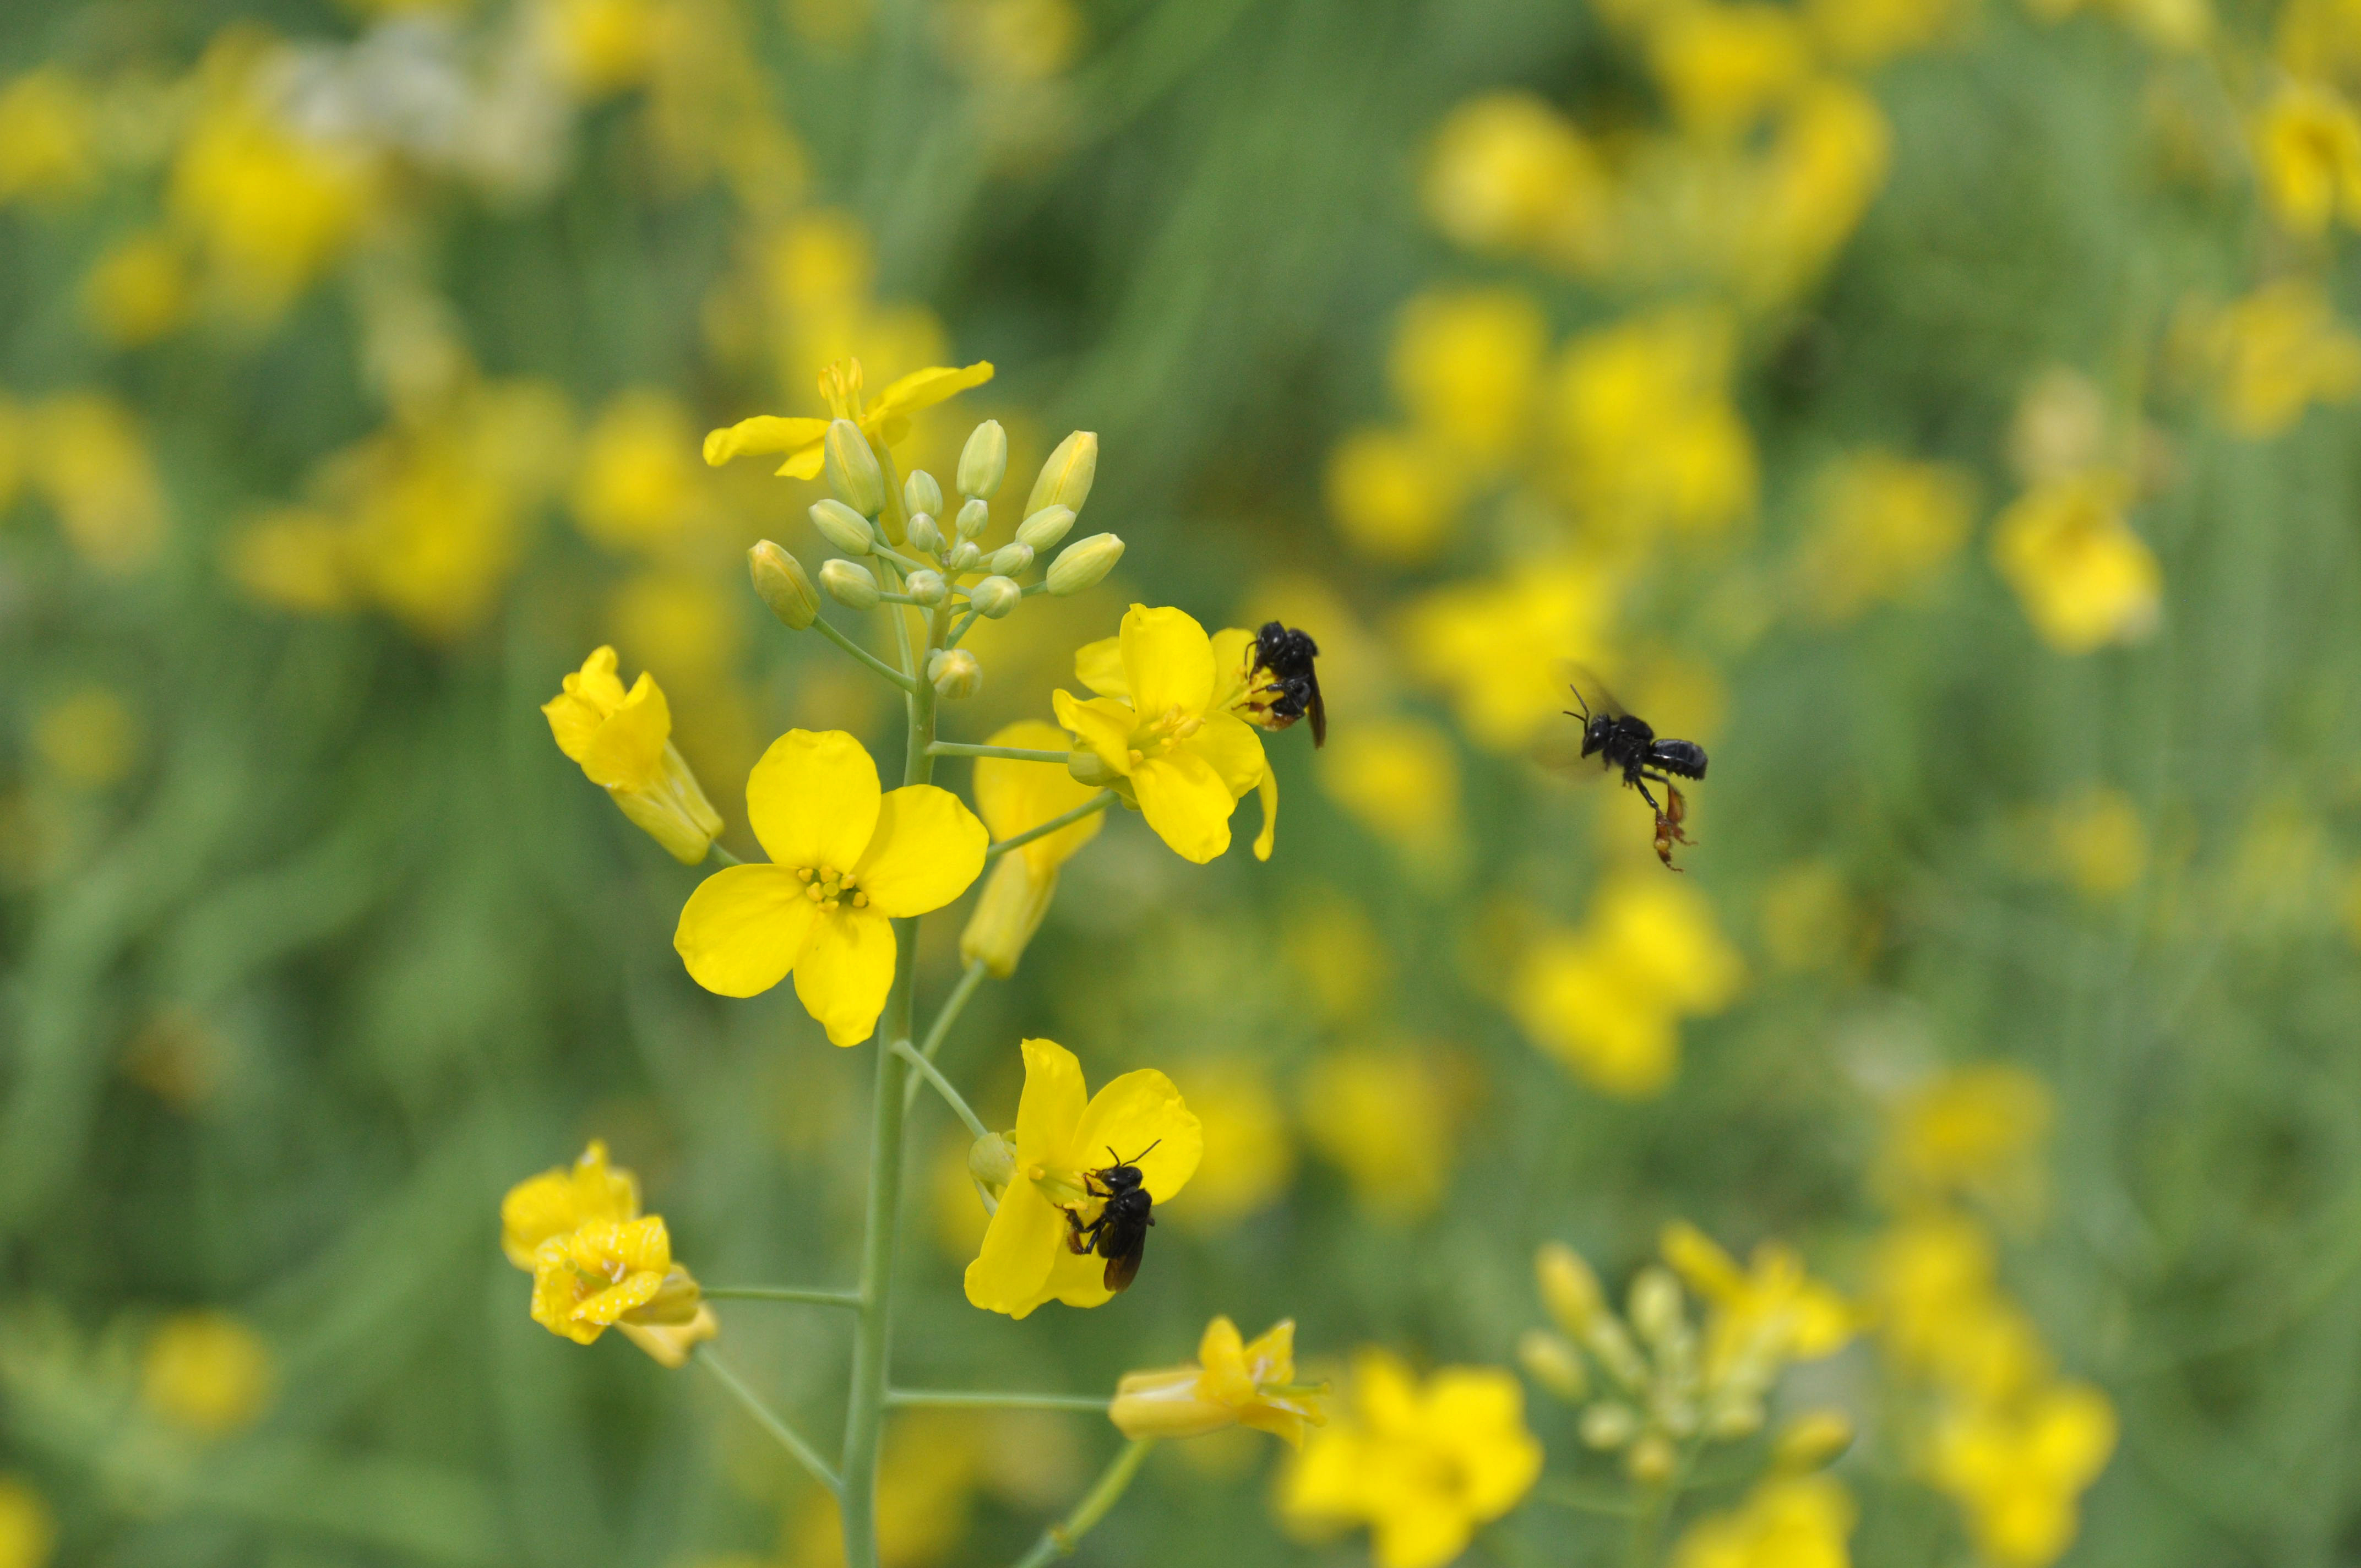 Trigona spinipes irapuã em flor de canola | Foto: Fernando Dias